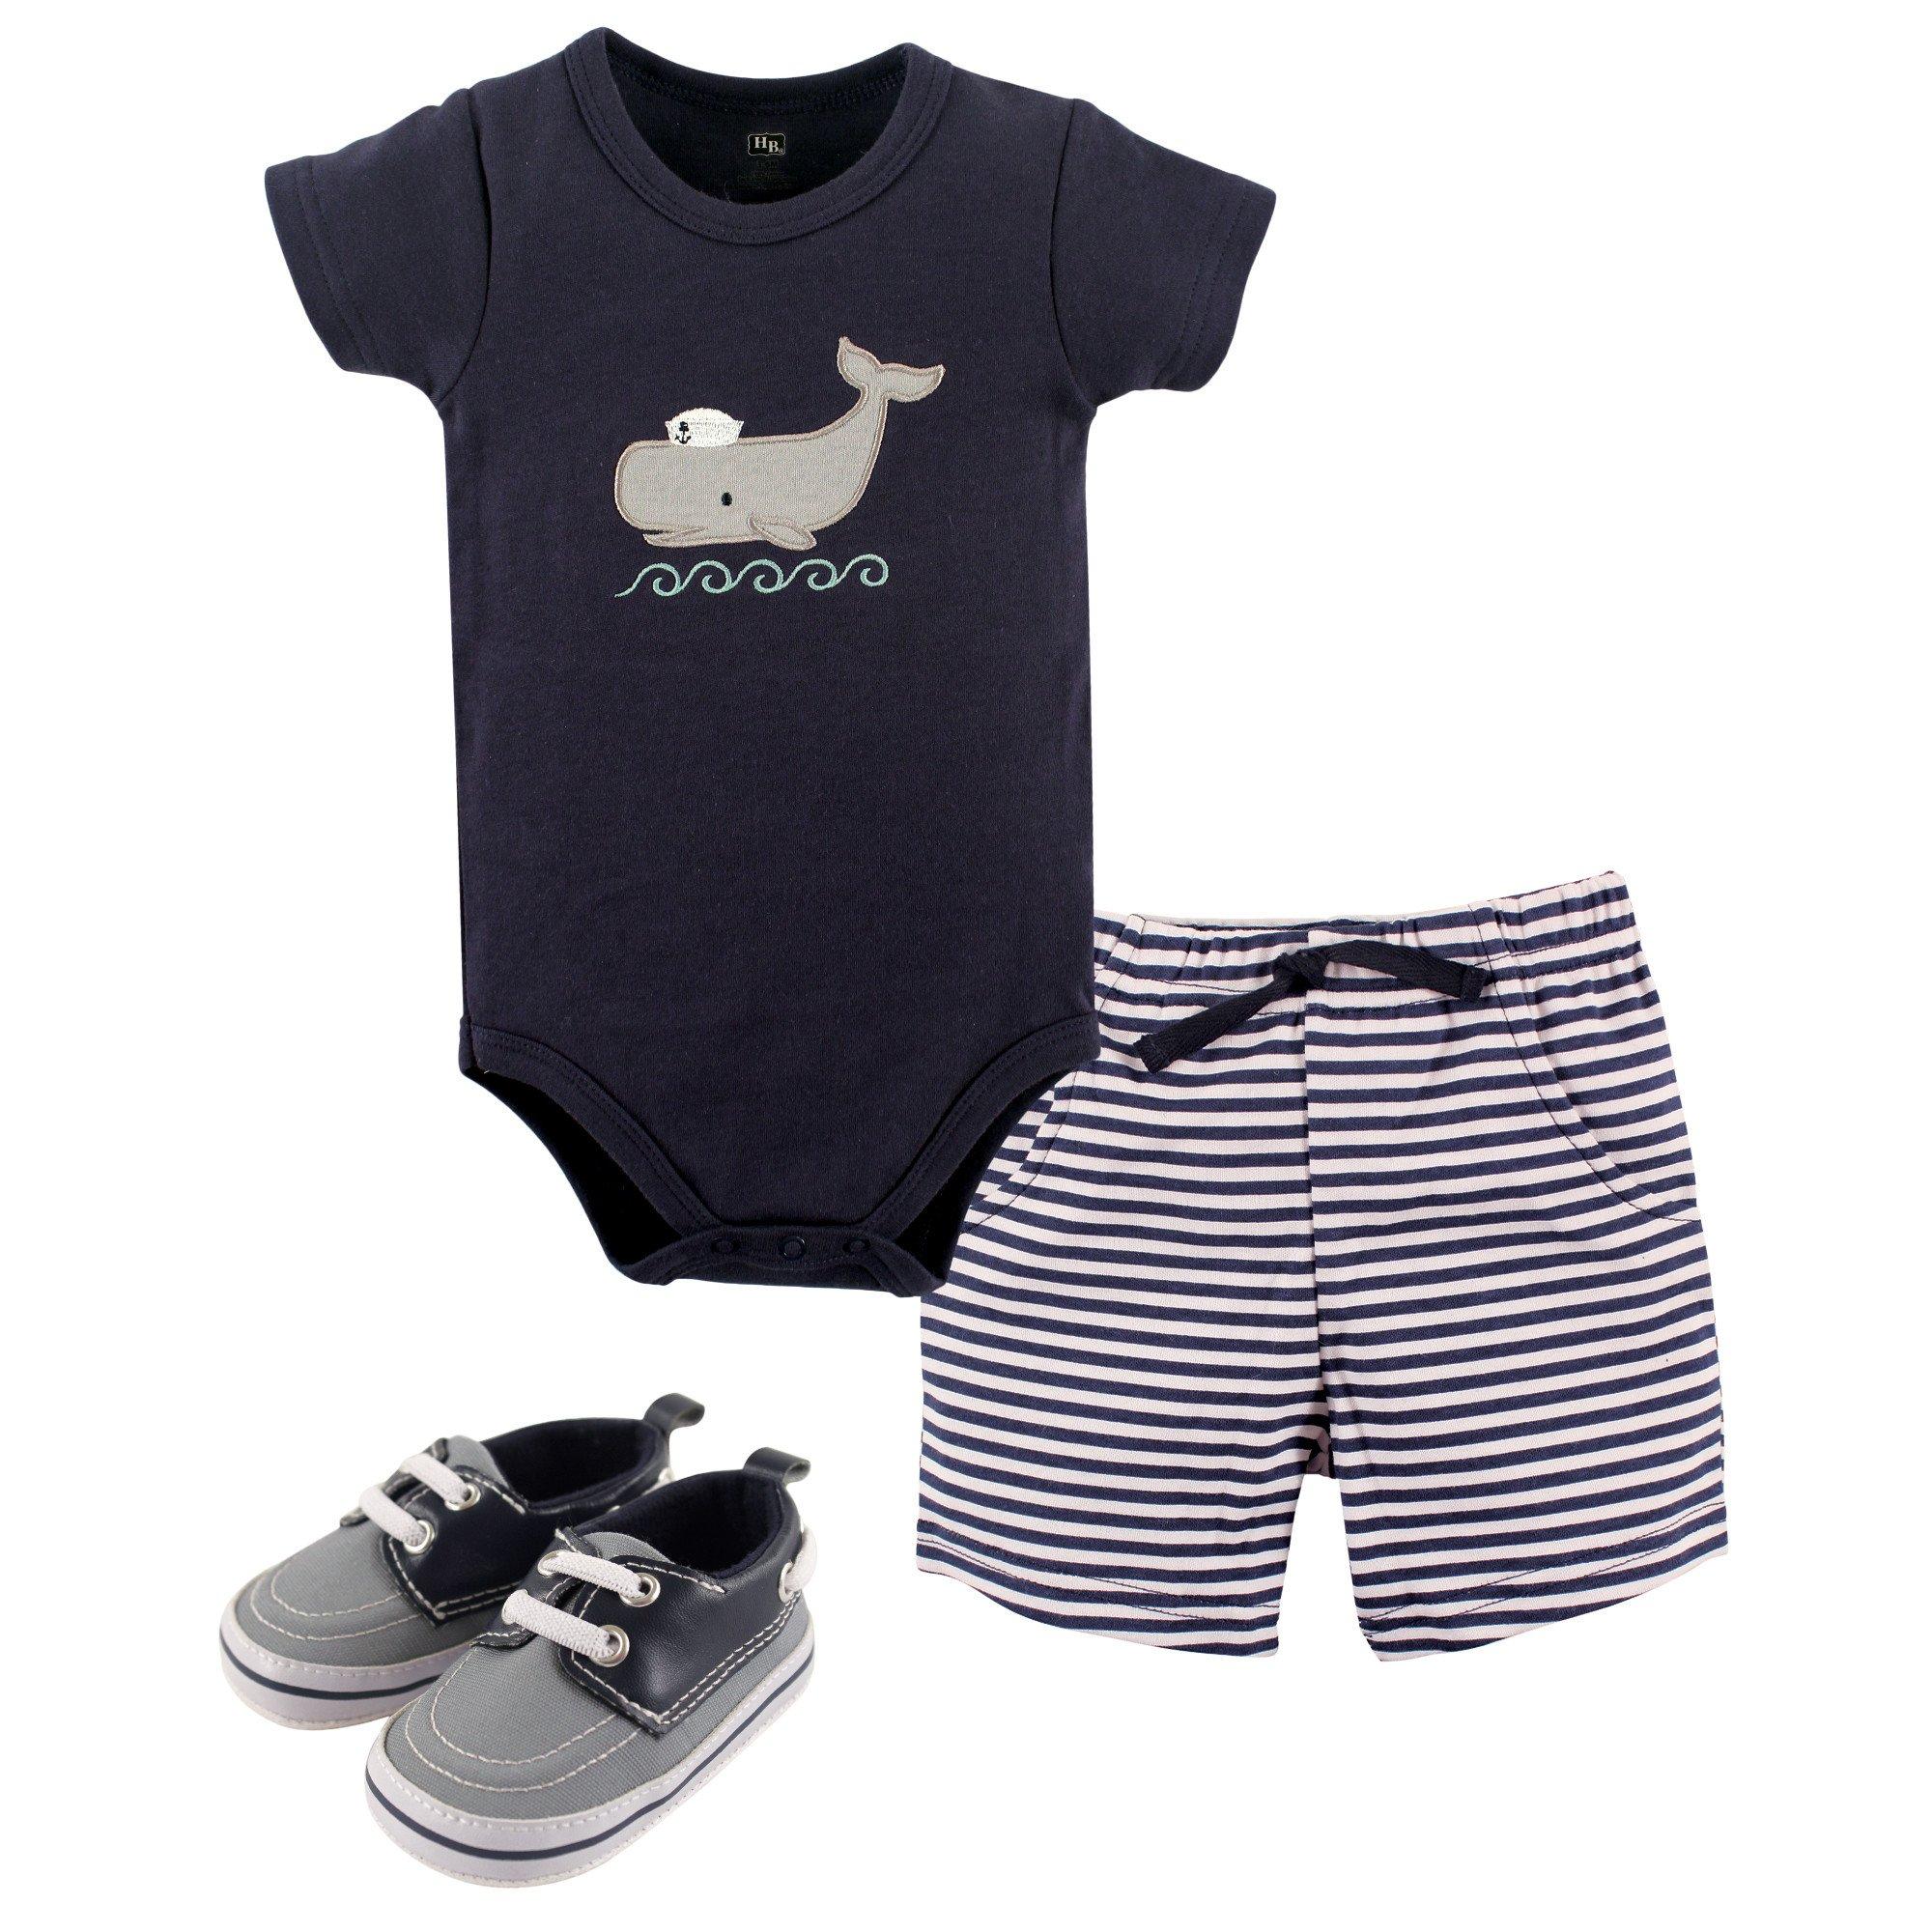 Hudson Baby Cotton Bodysuit, Bottoms and Shoe Set, Sailor Whale, 6-9 Months